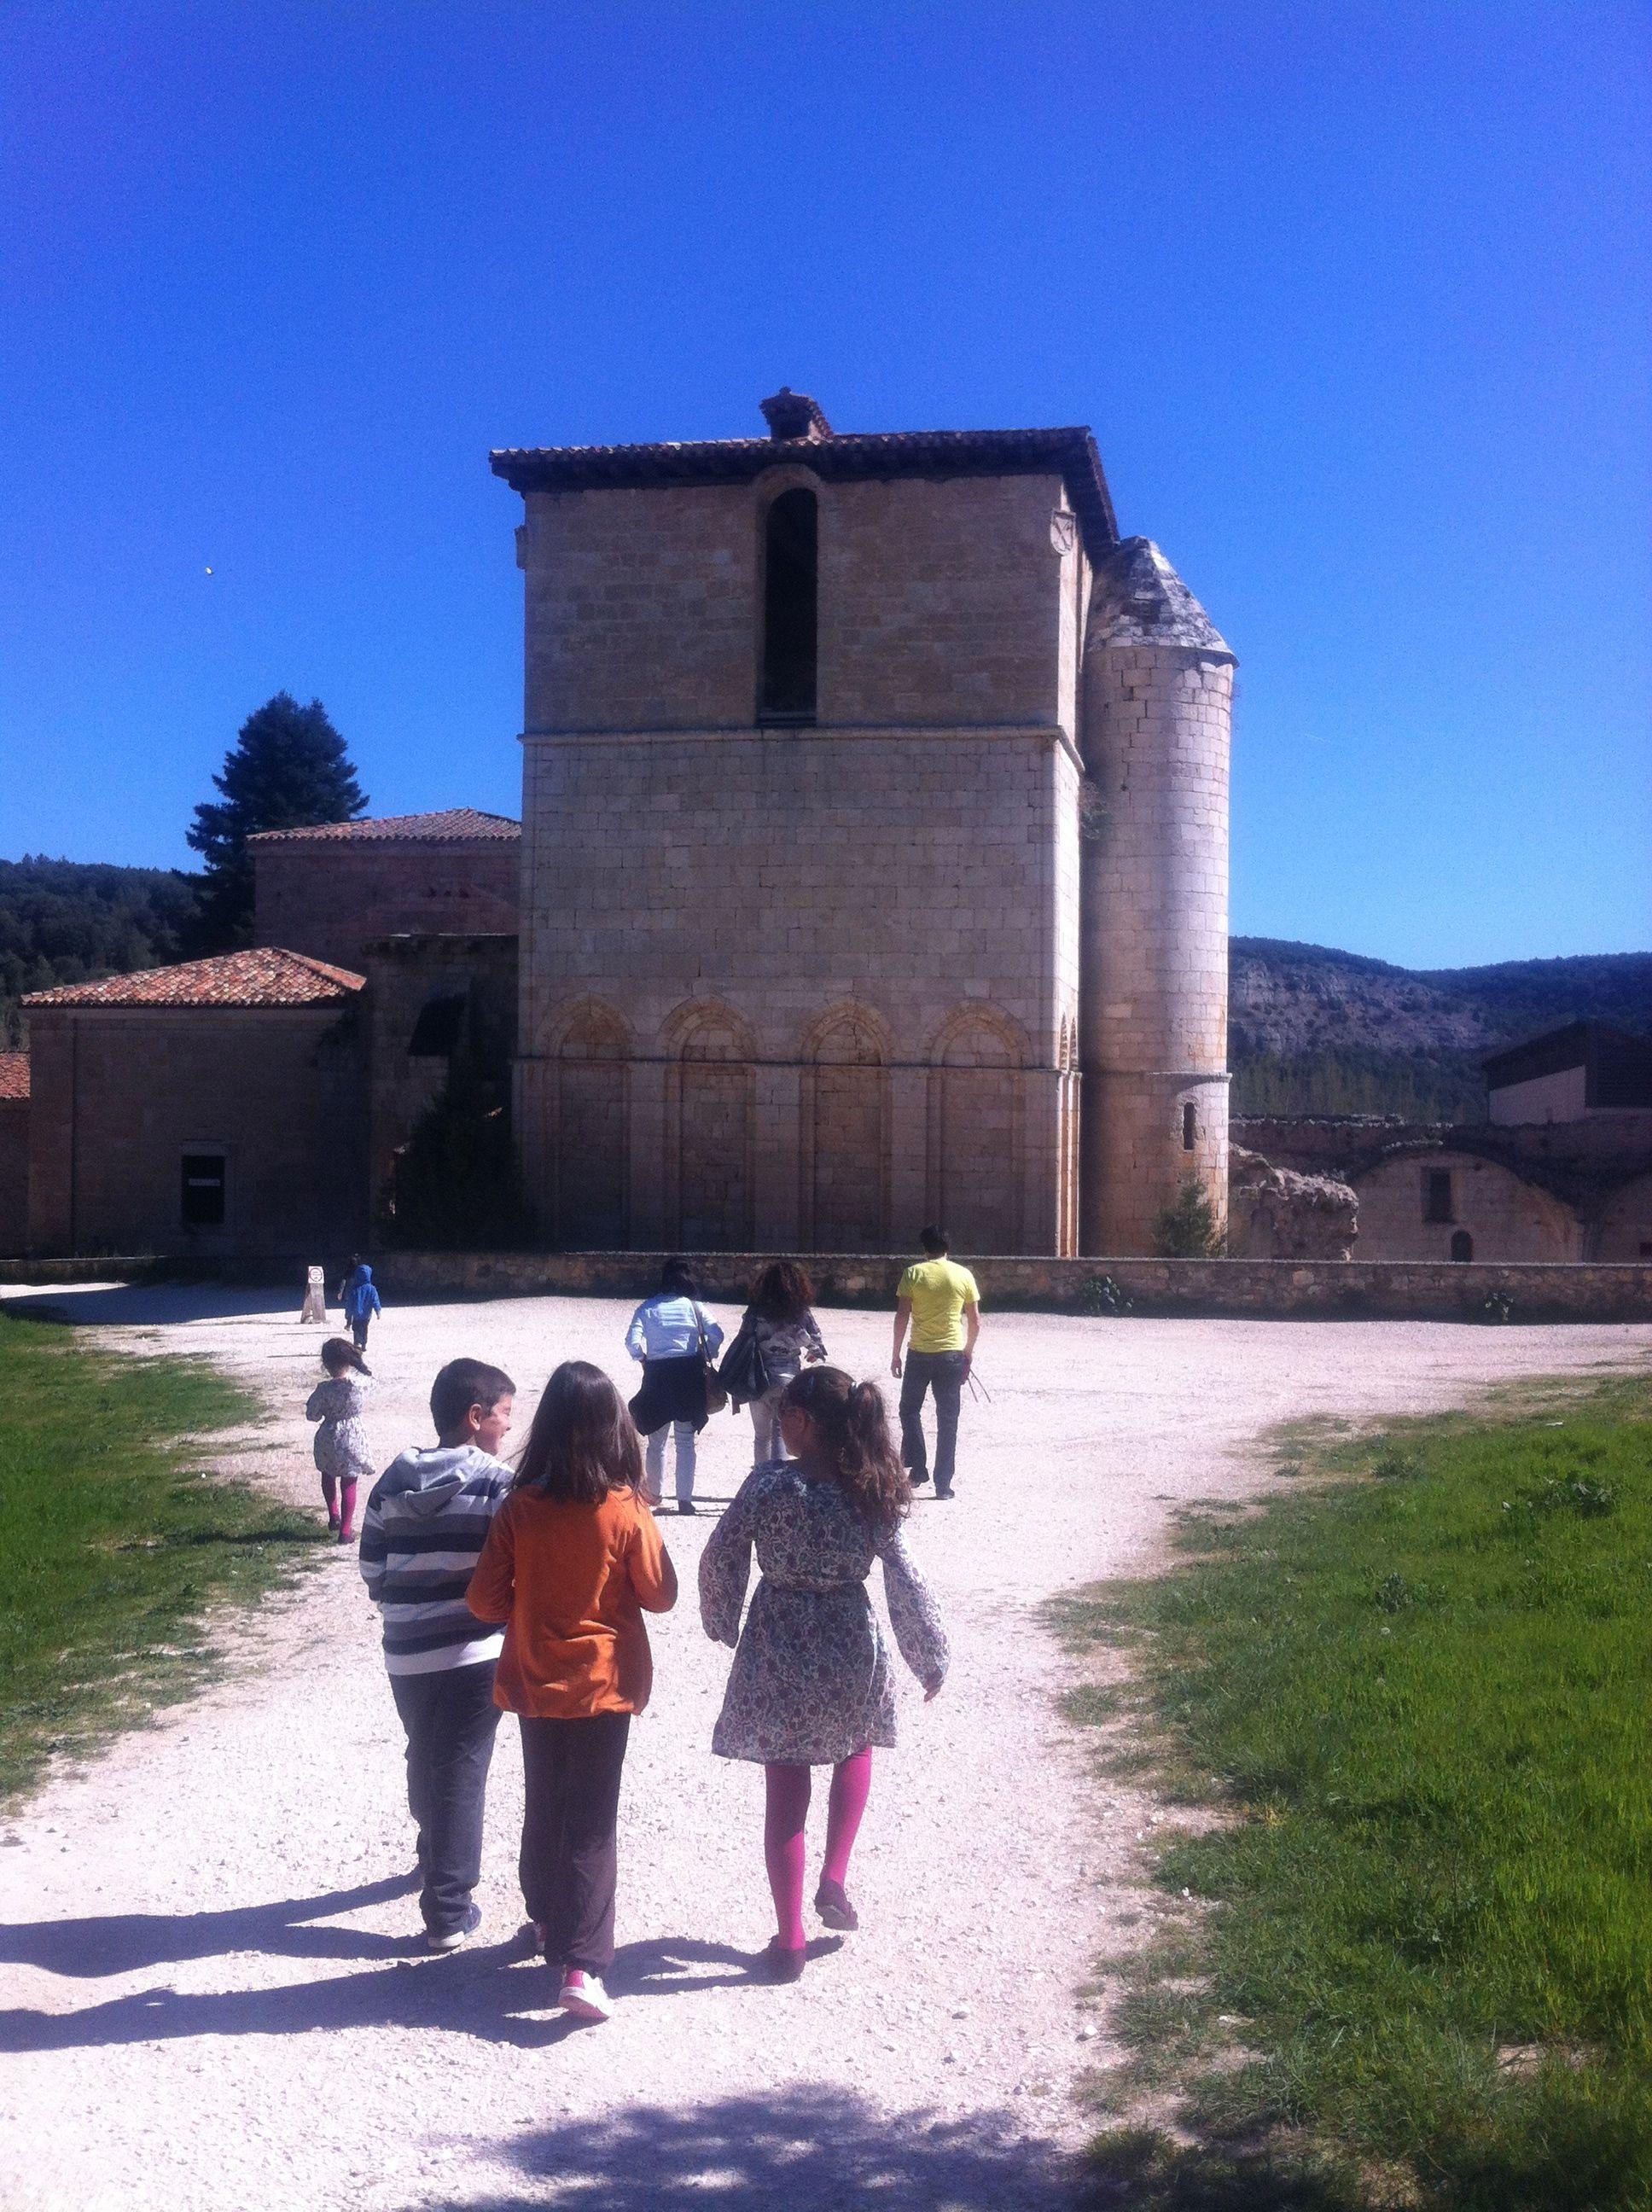 Monasterio de San Pedro de Arlanza (Burgos-Spain), cuna de Castilla.